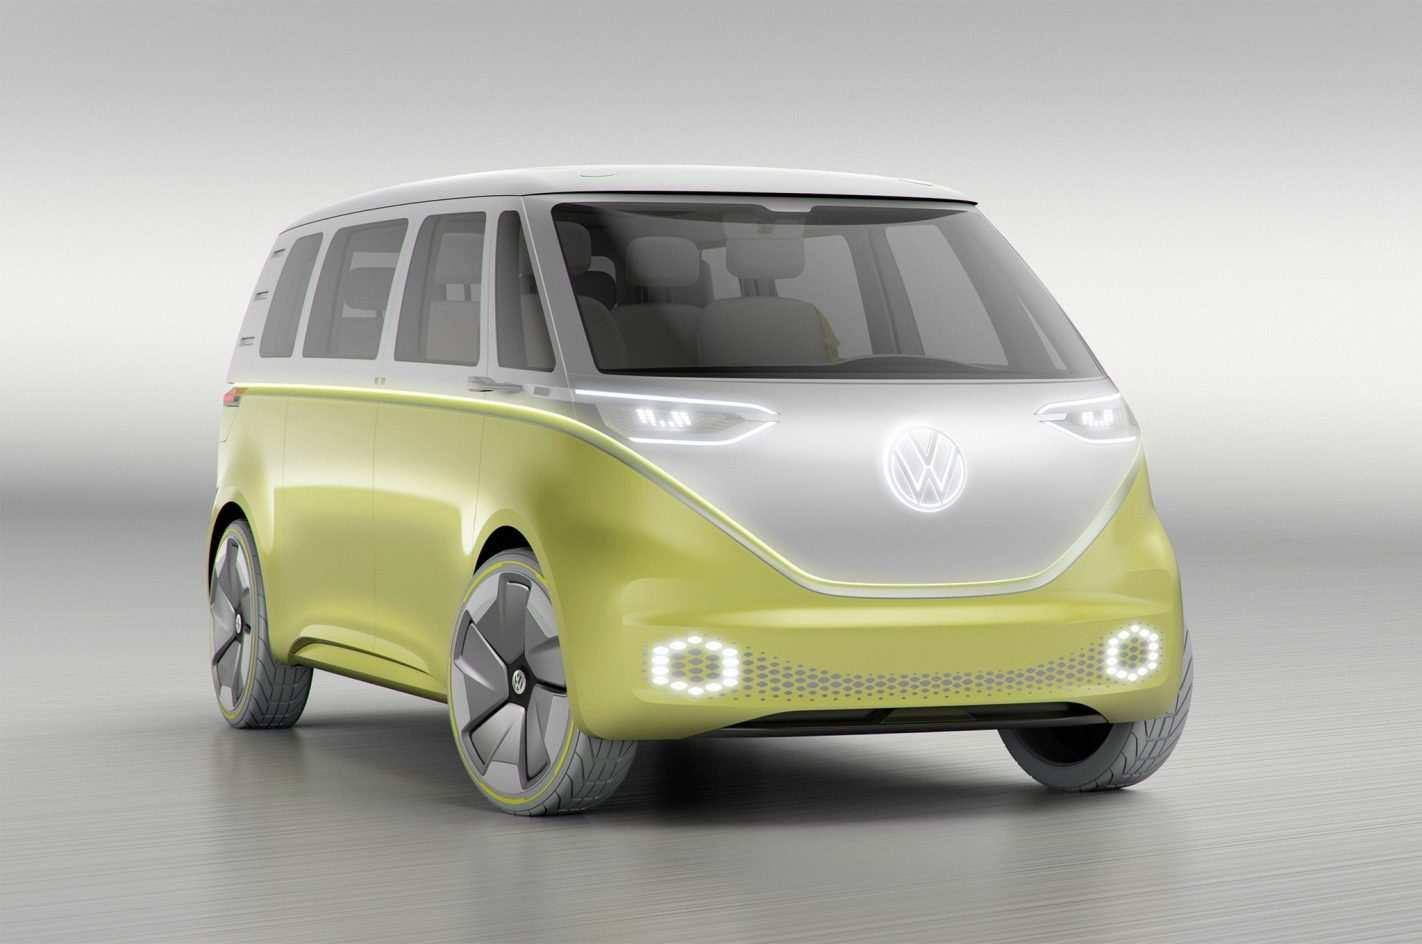 93 The 2020 Volkswagen Van Exterior by 2020 Volkswagen Van